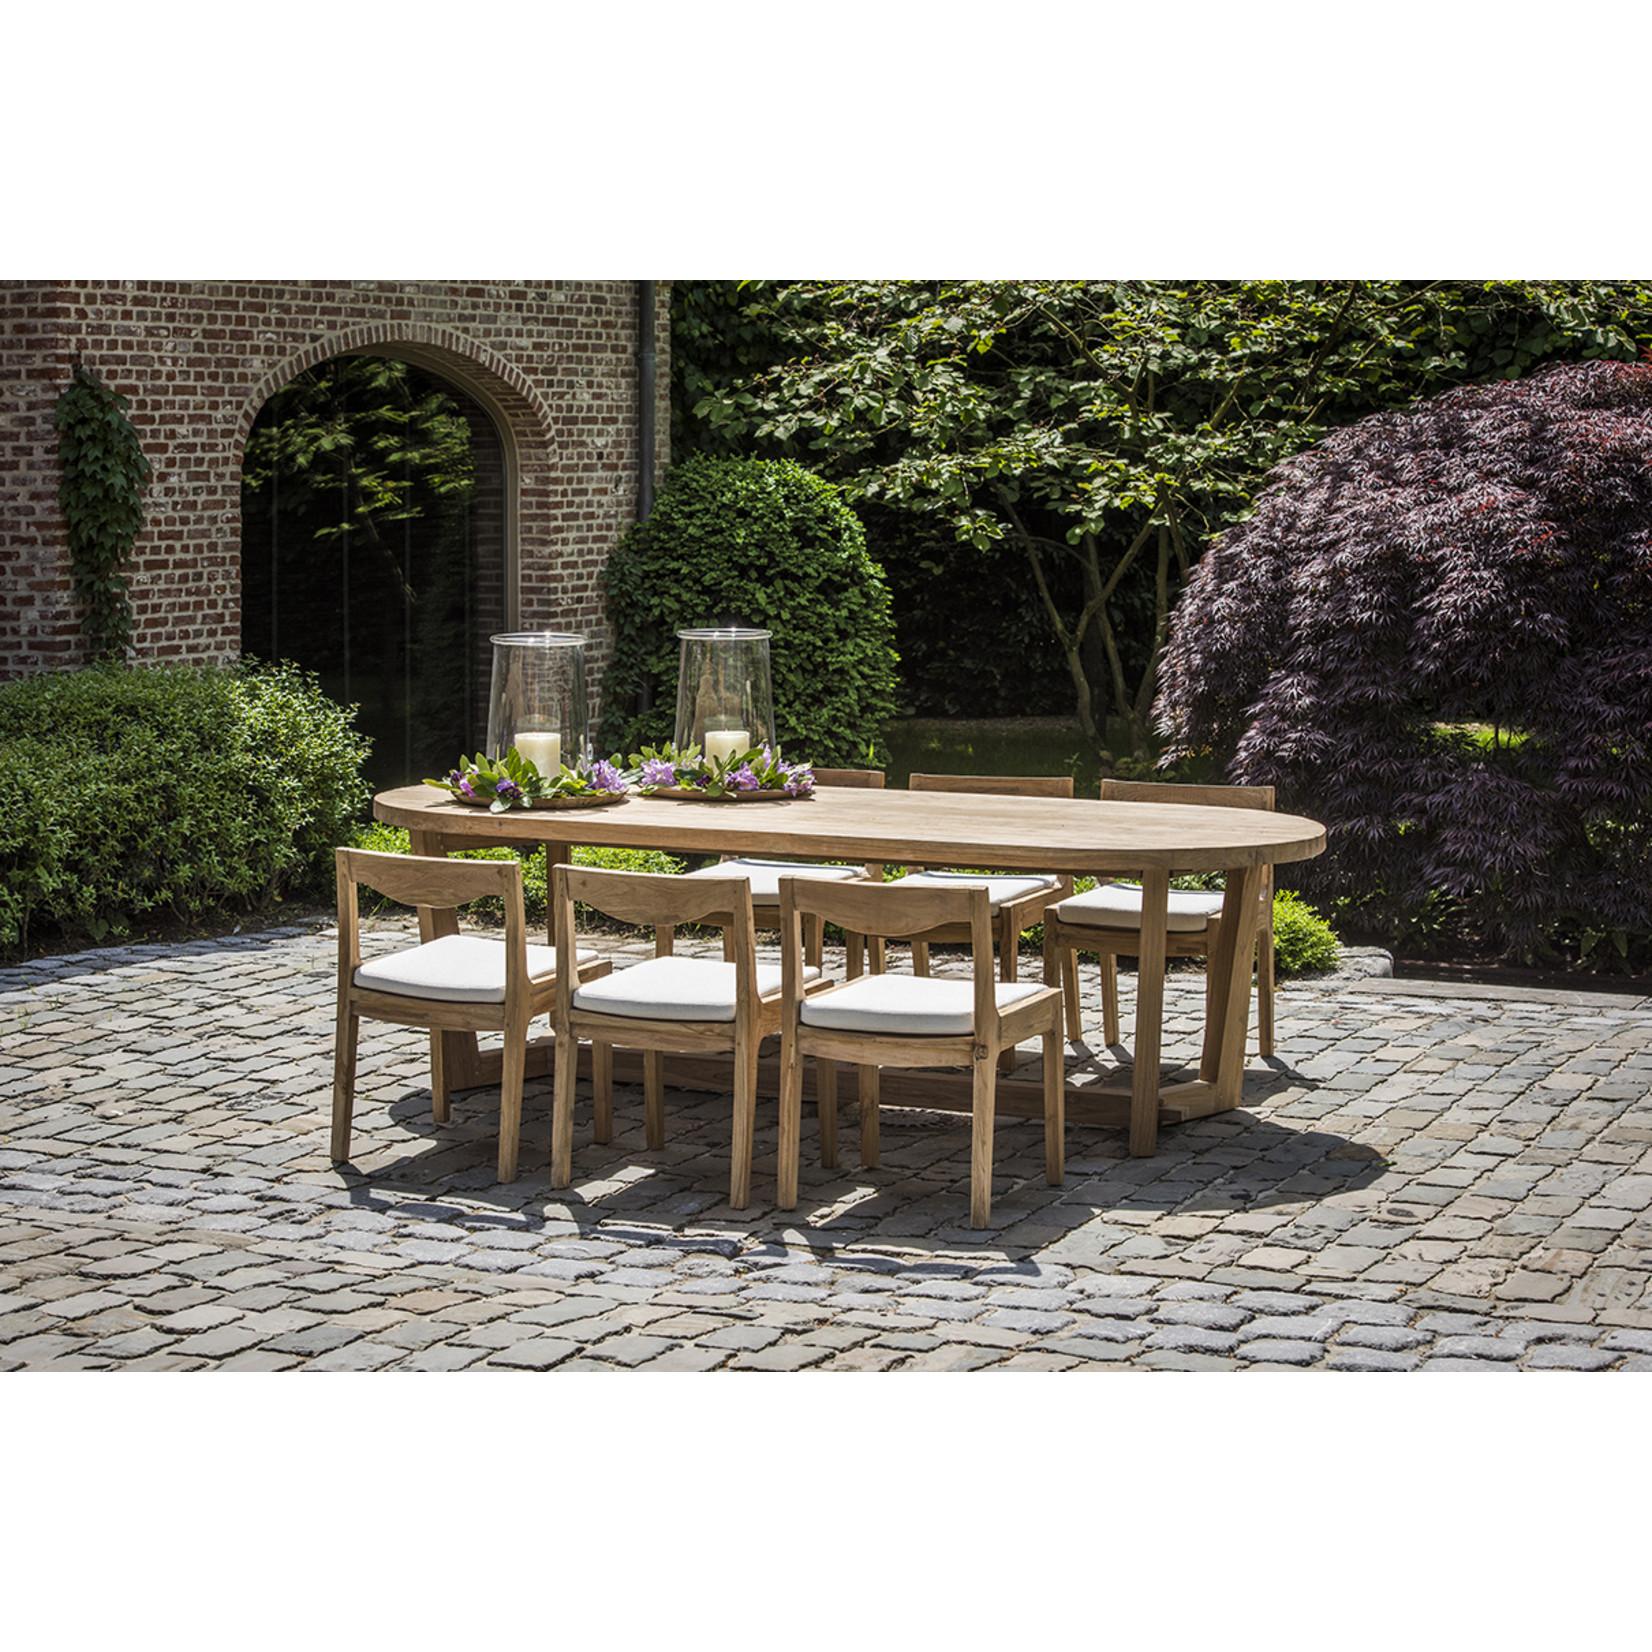 Gommaire Table ovale Dan Grand | Teck Récupéré Gris Naturel